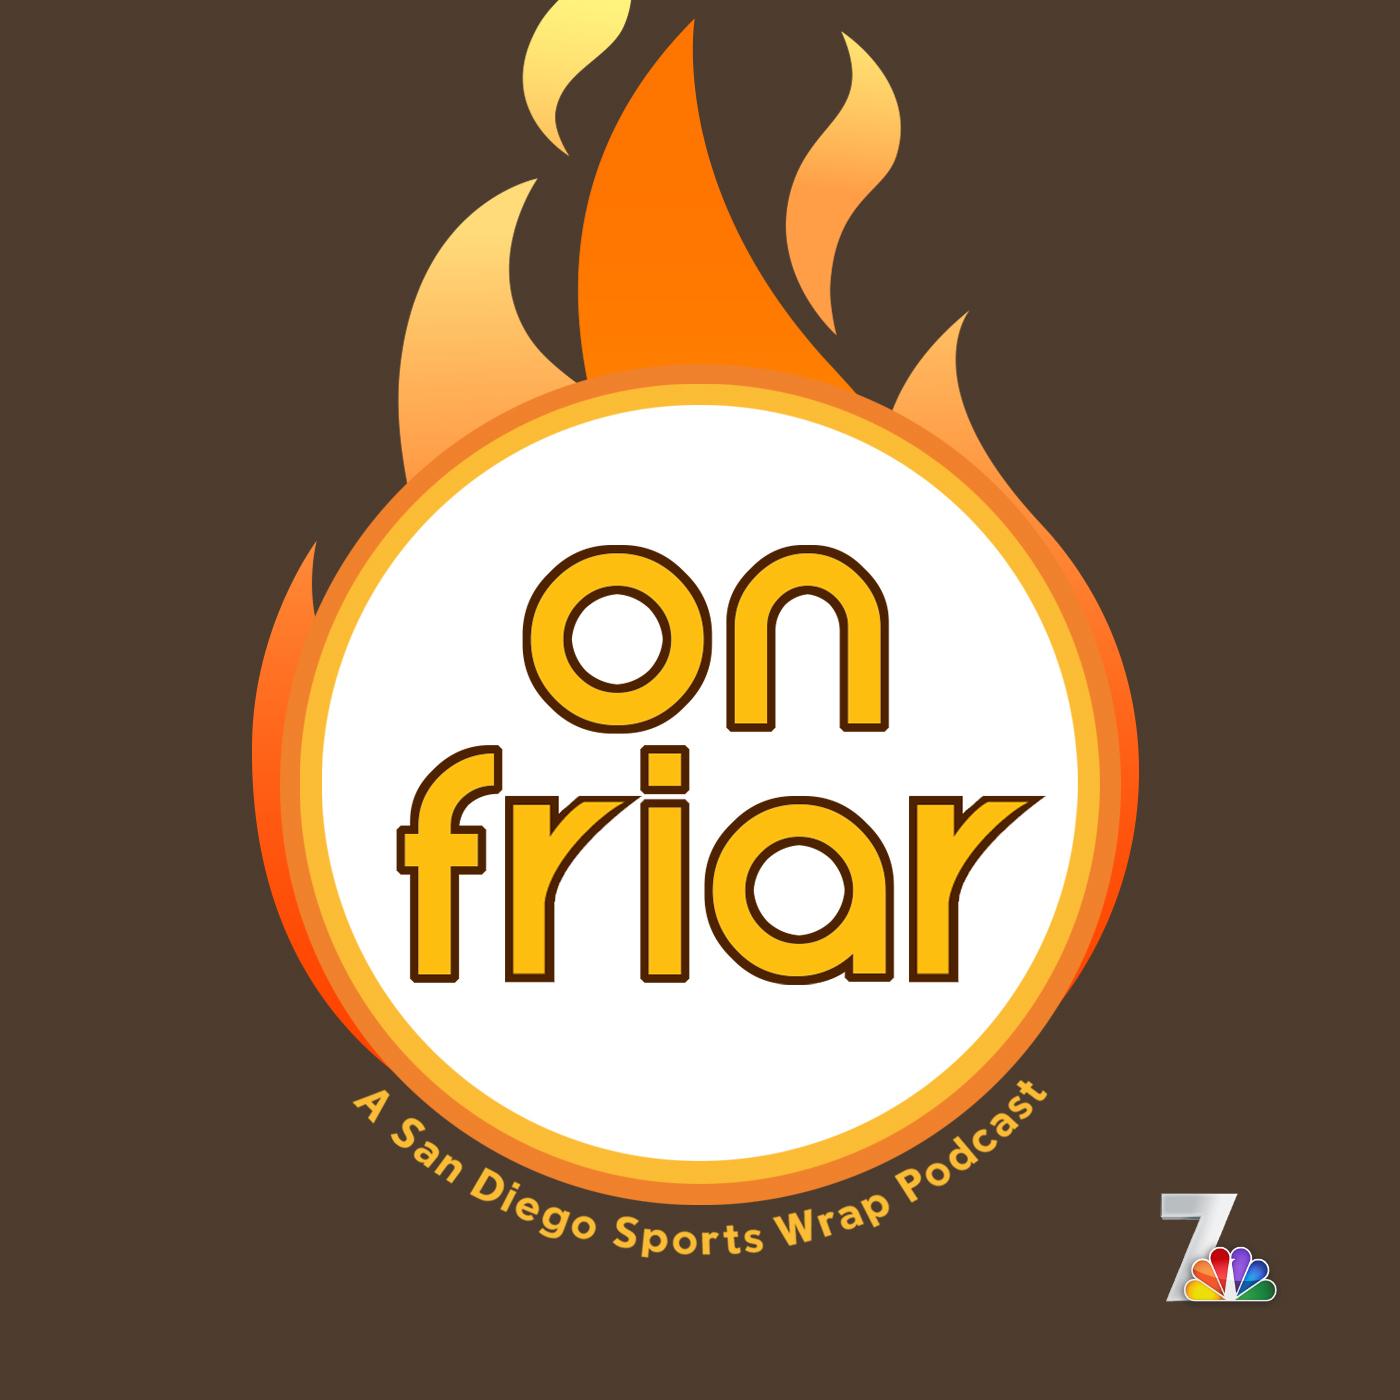 On Friar, A San Diego Sports Wrap Podcast